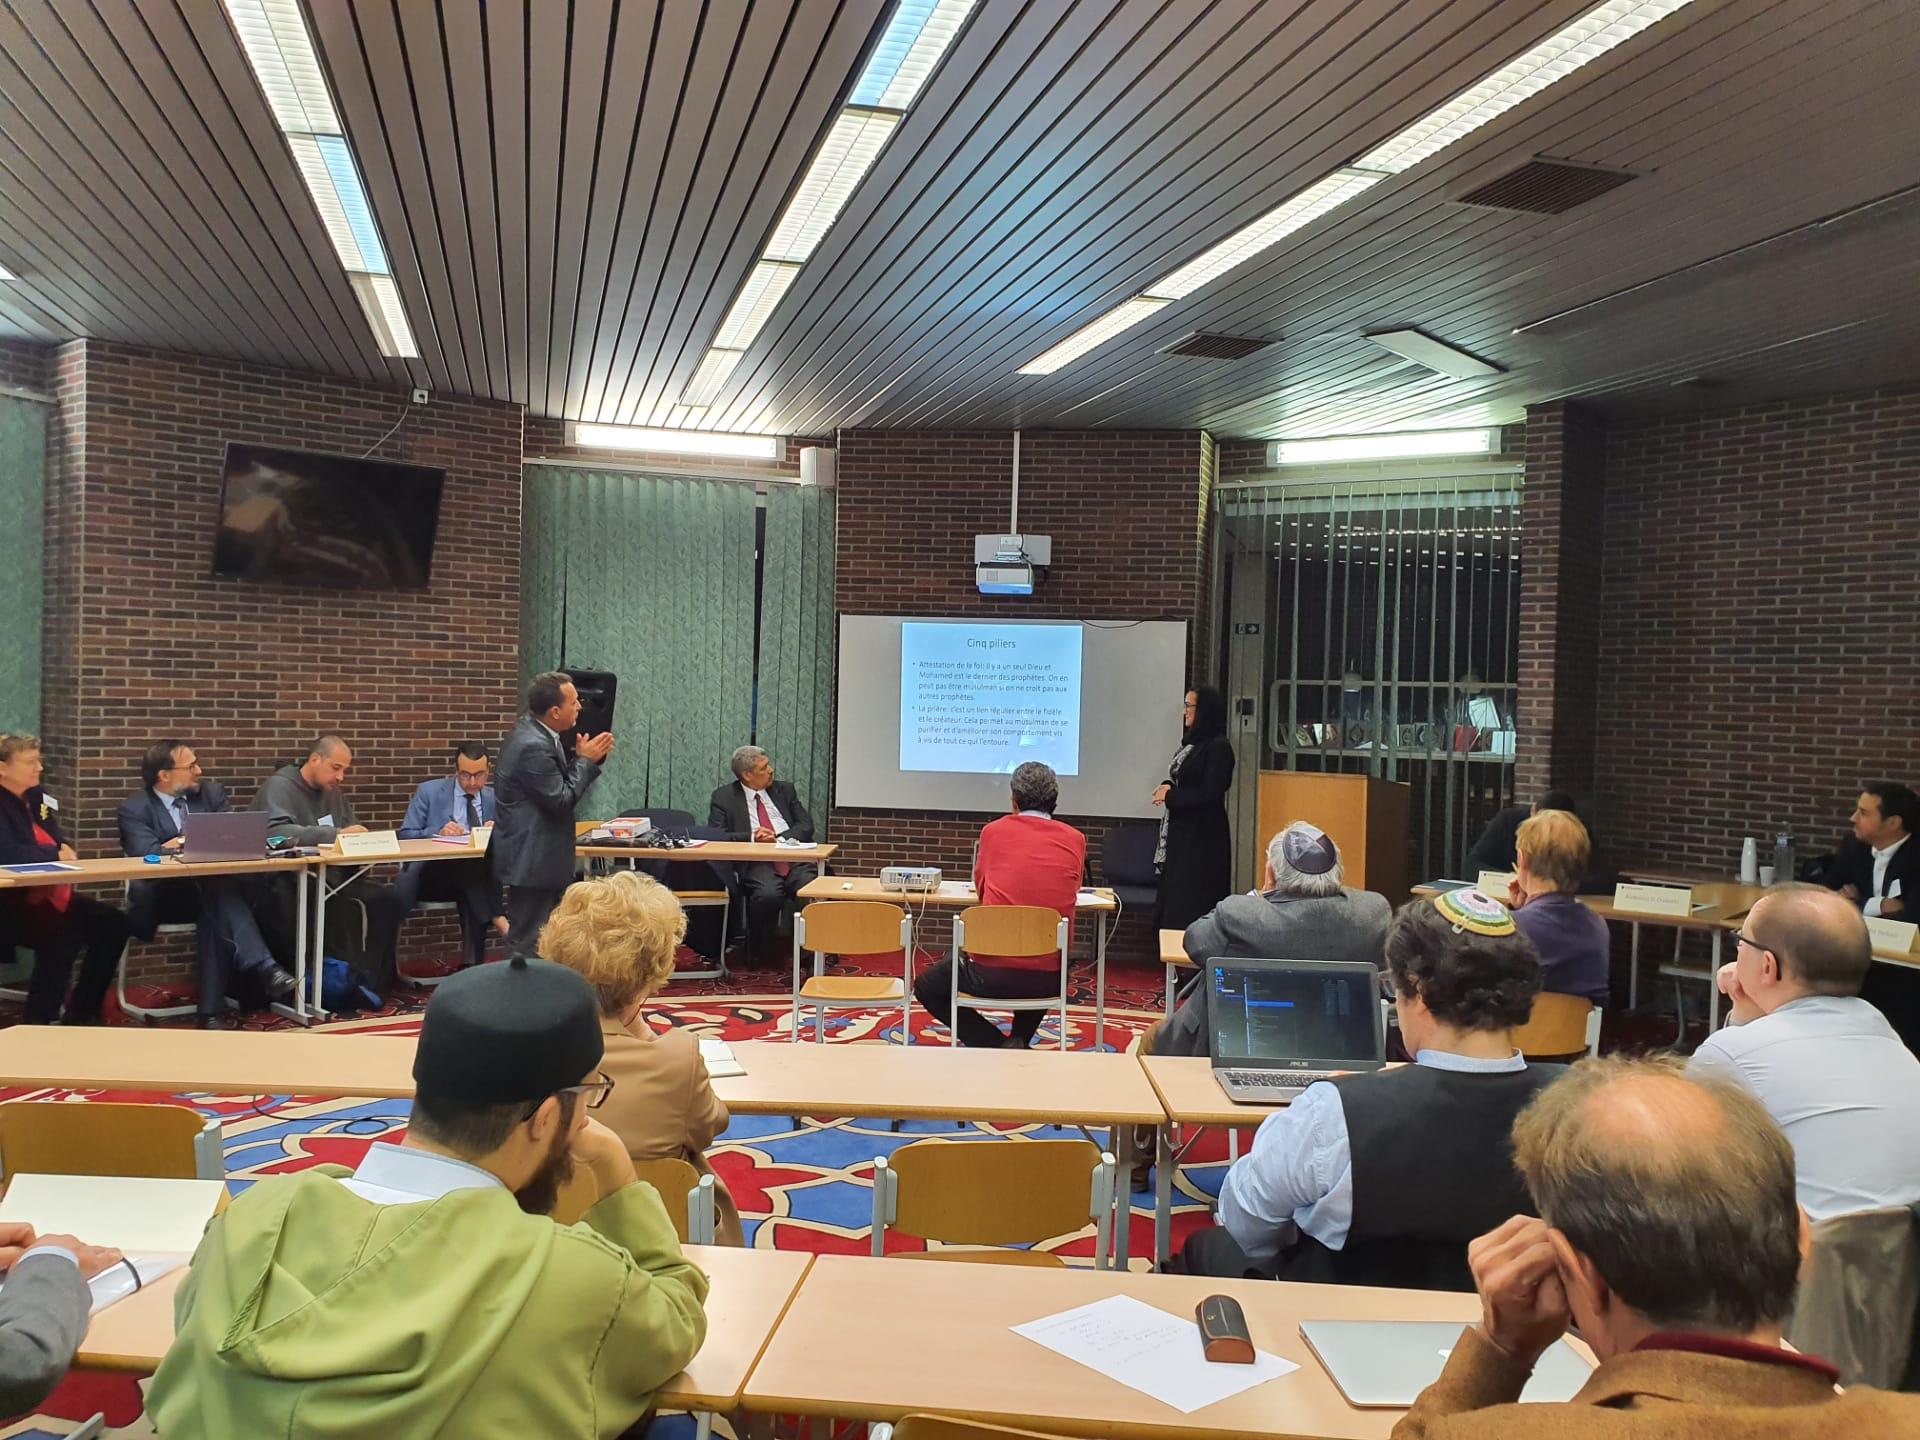 منتدى الأديان وحوار من أجل السلام الروحي في المركز الإسلامي ببروكسيل